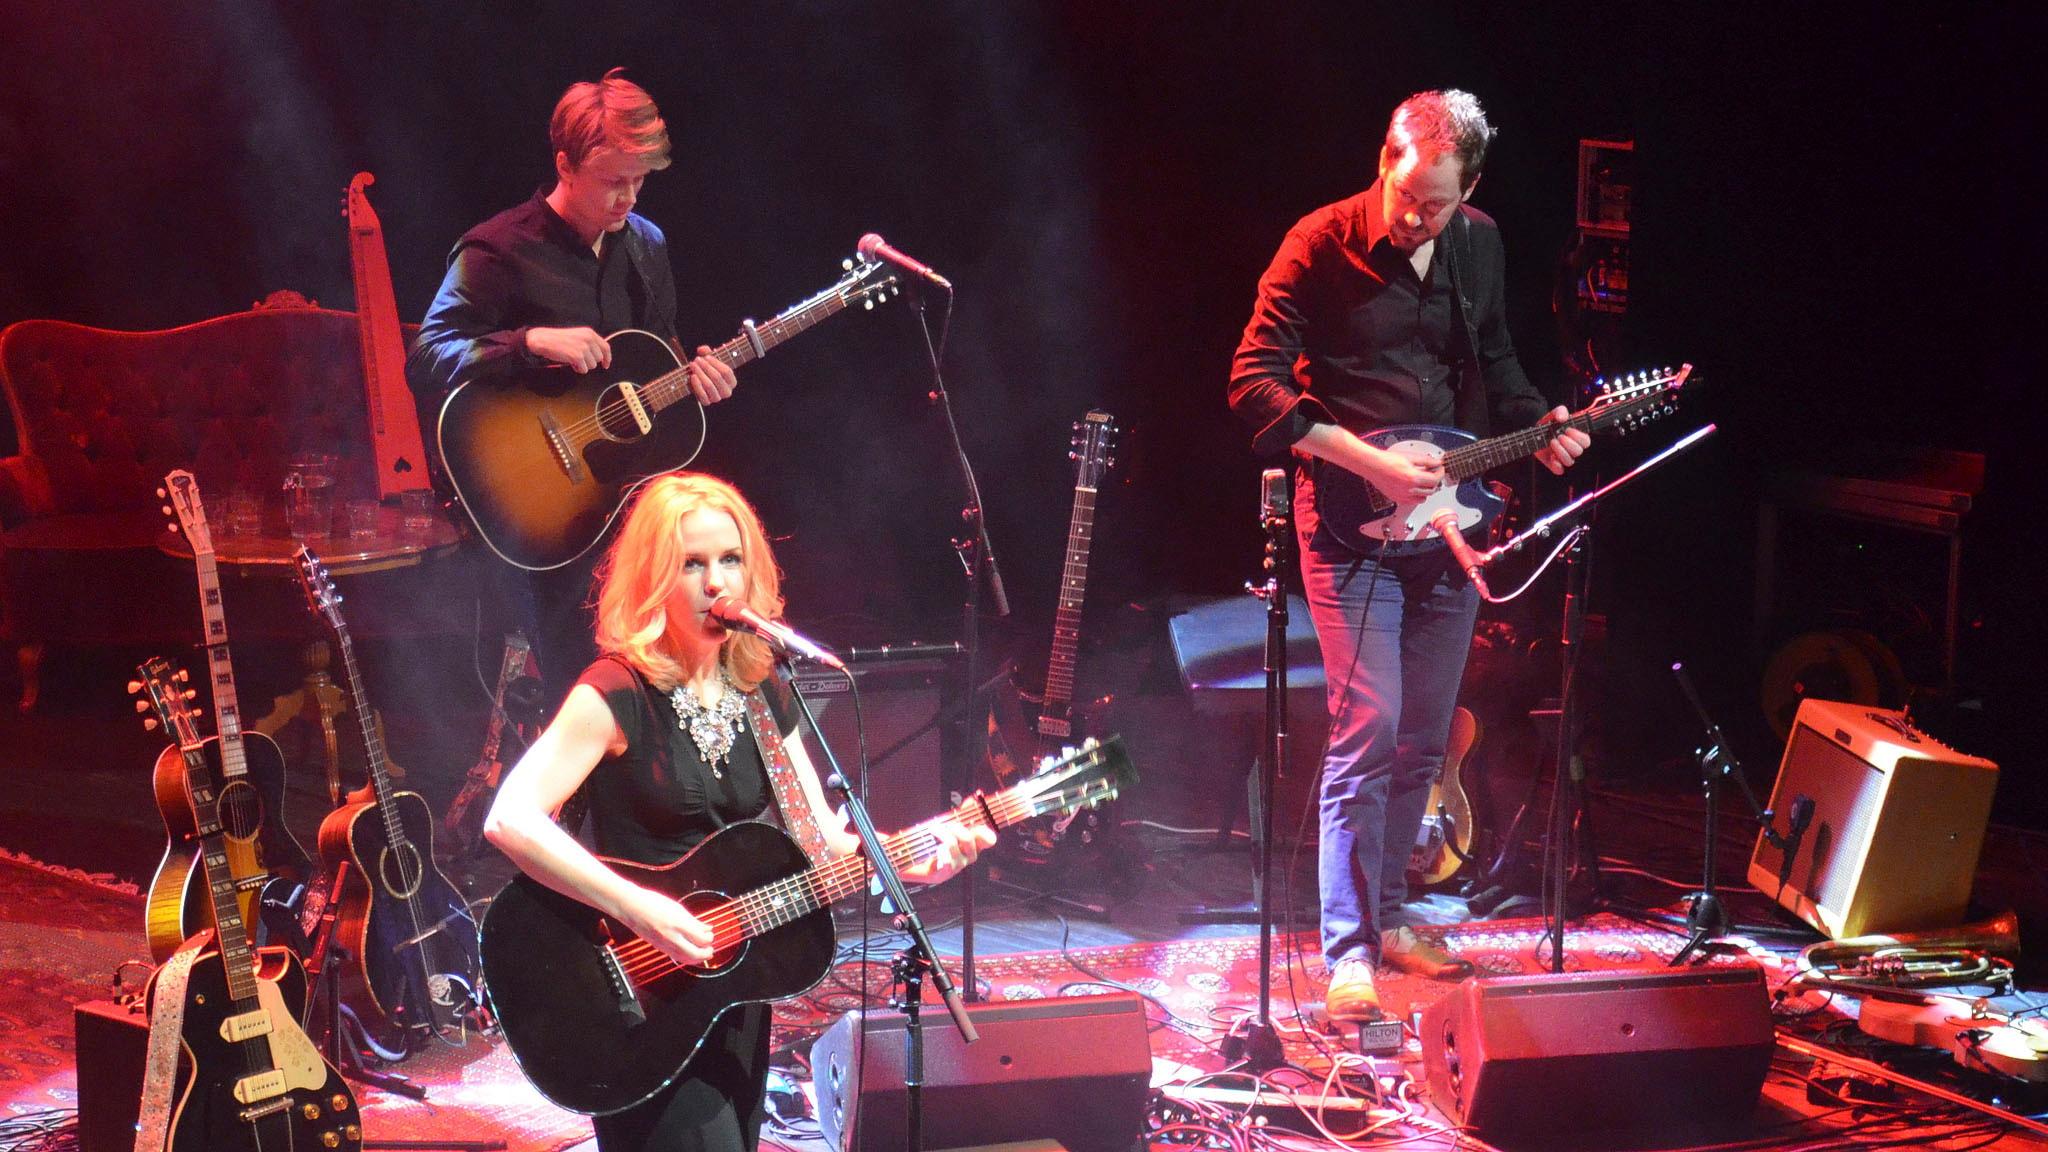 Sofia Karlsson med sina musiker från Storans Scen i Göteborg. Foto: Anders Jernquist/Sveriges Radio